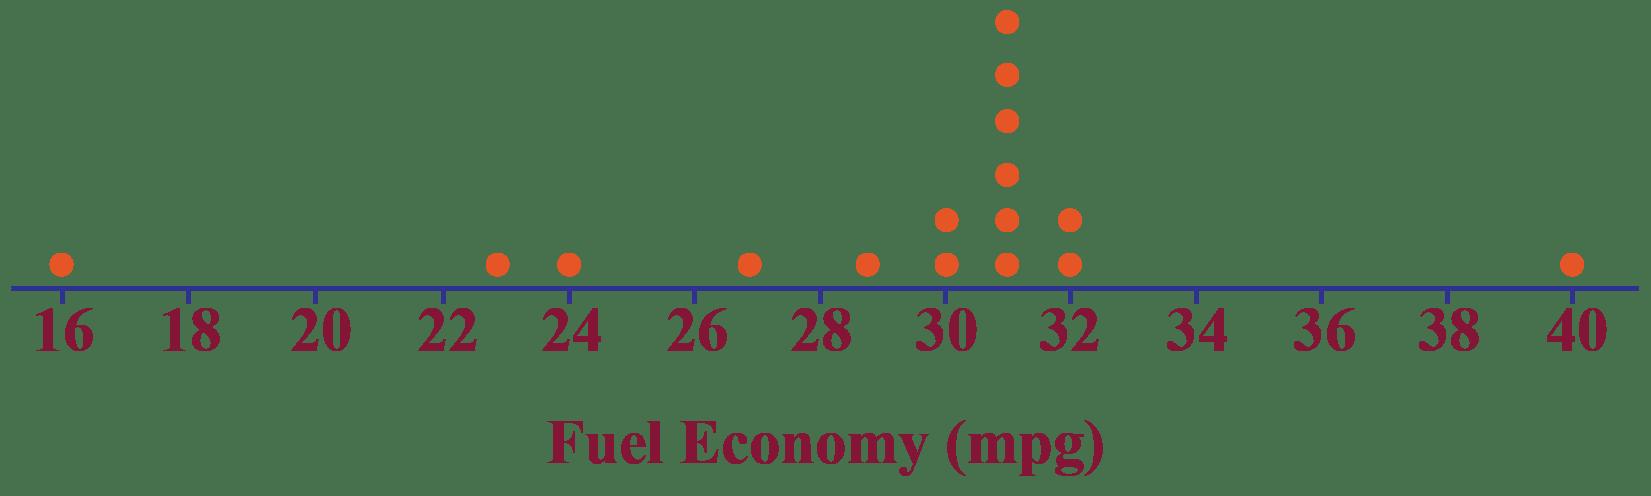 hight resolution of Dot plot - Cuemath